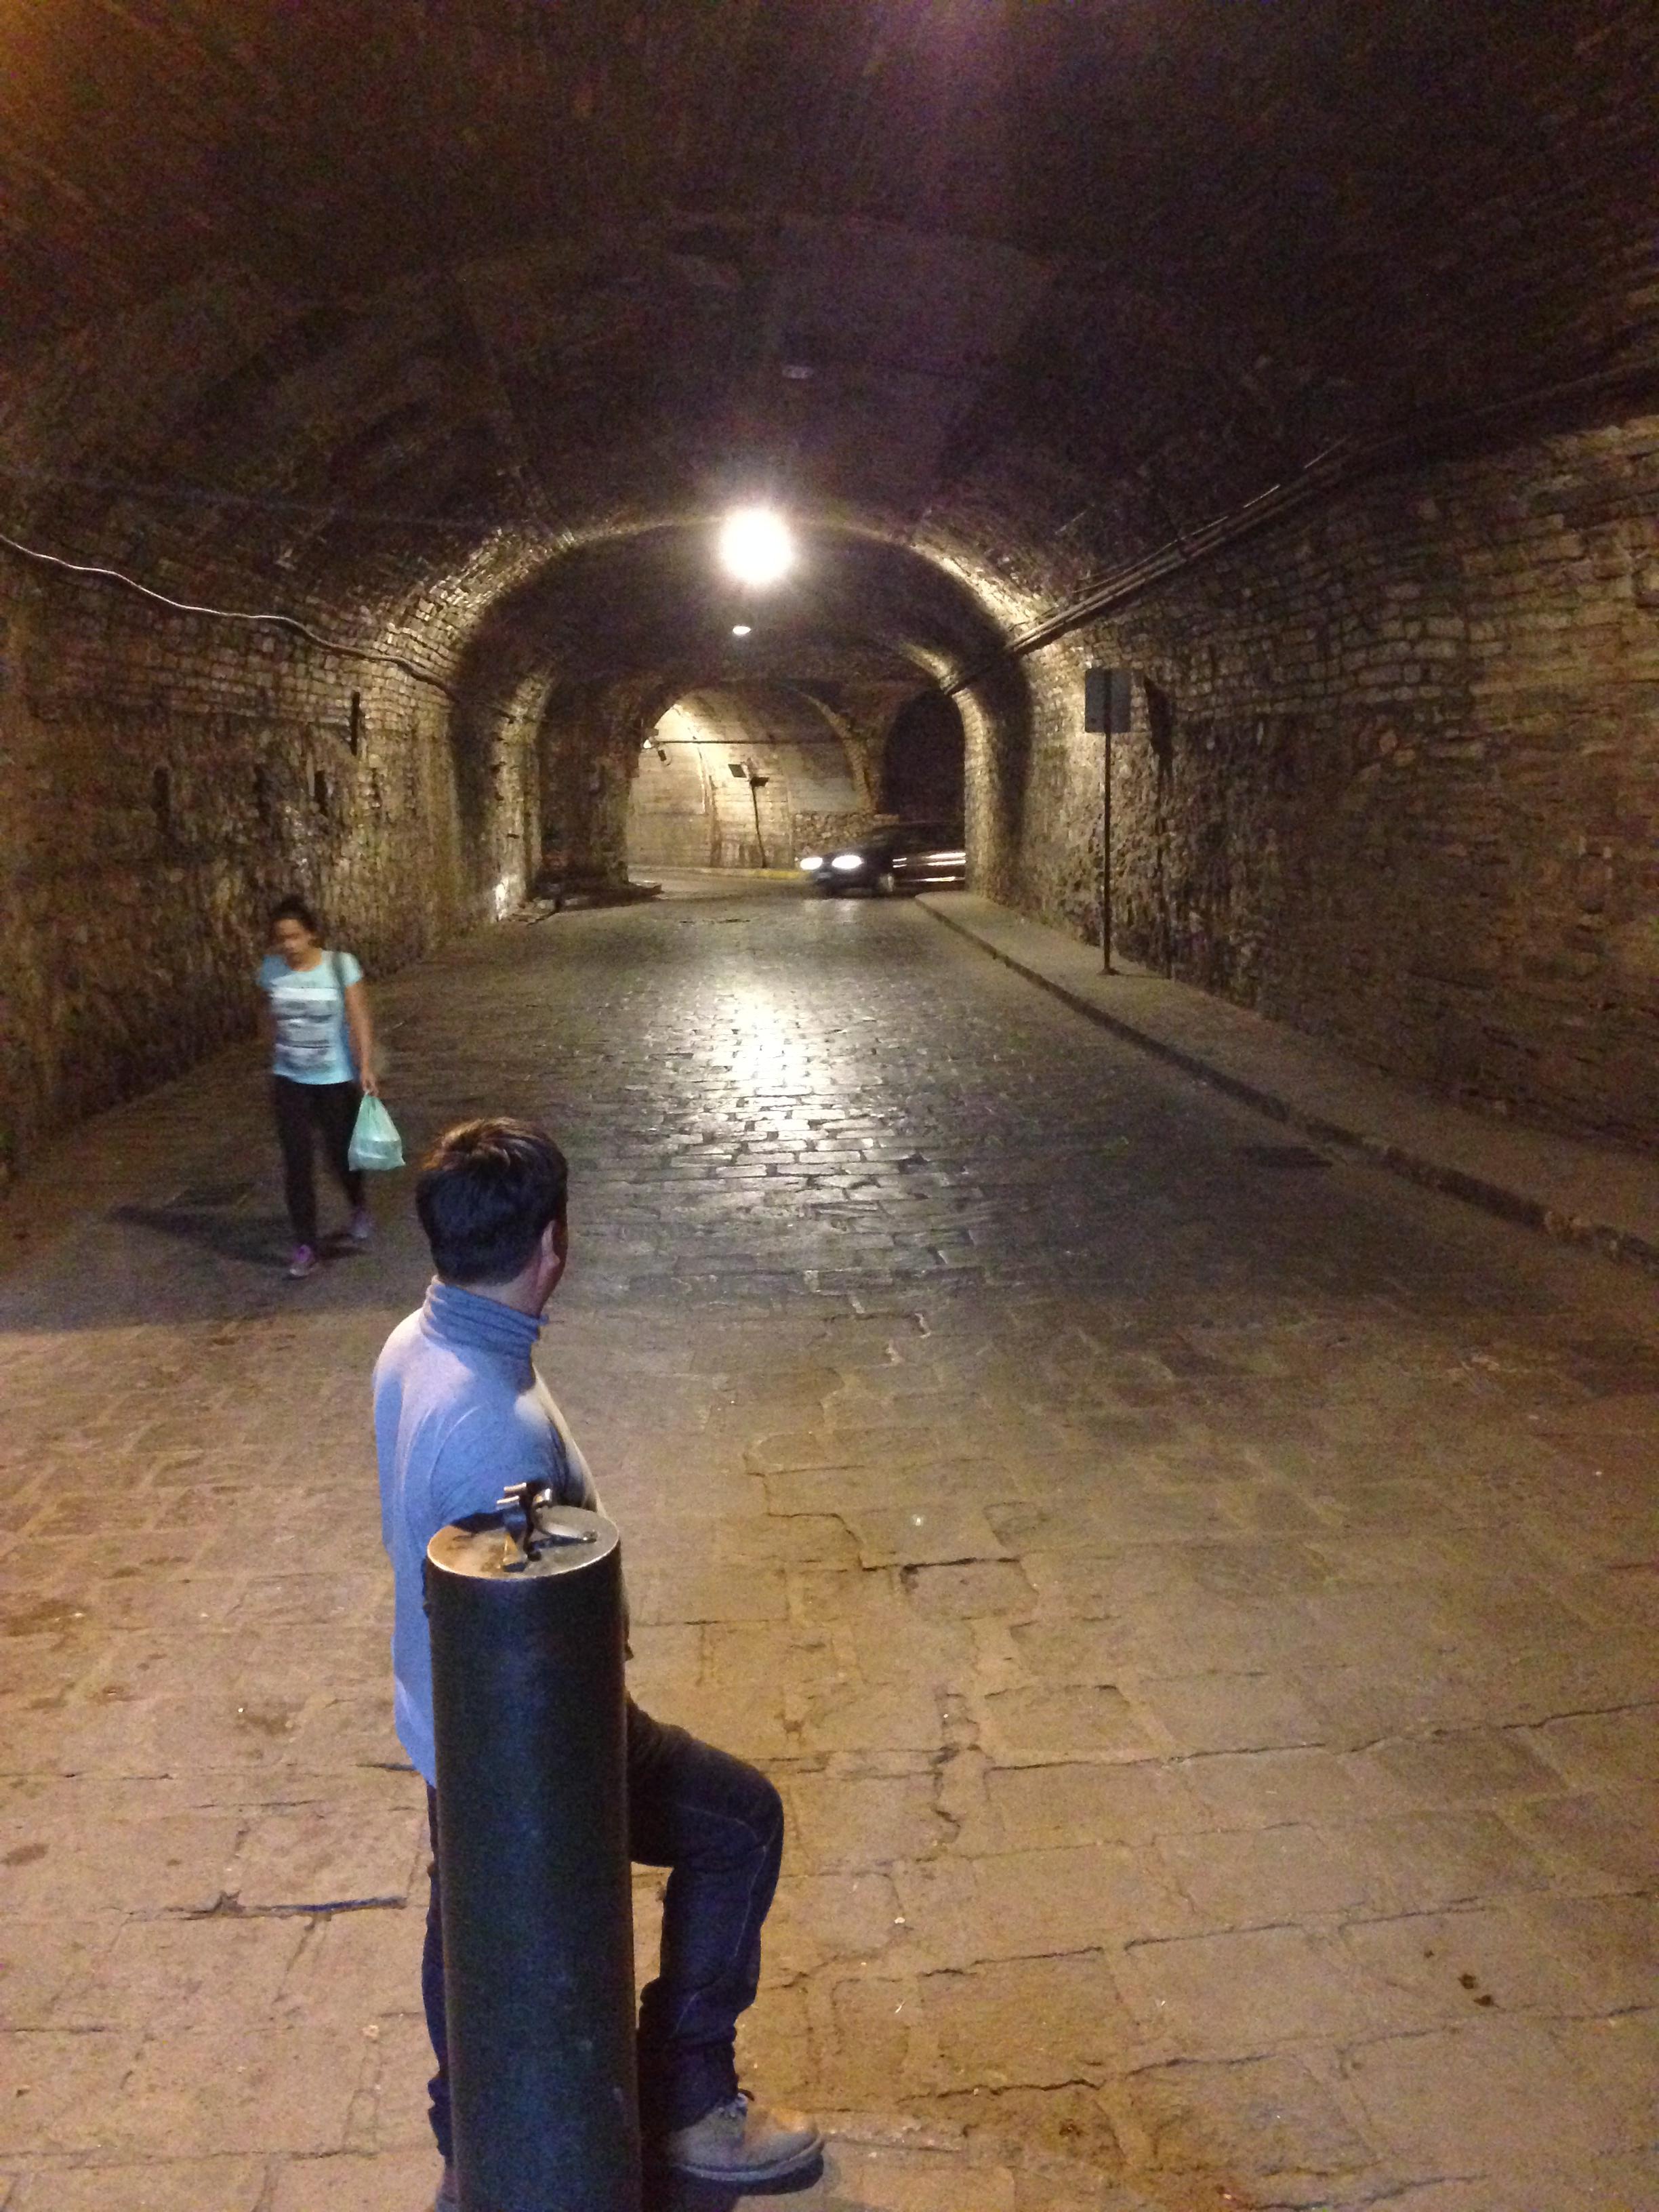 Túnel típico de Guanajuato por el que transitan coches y personas